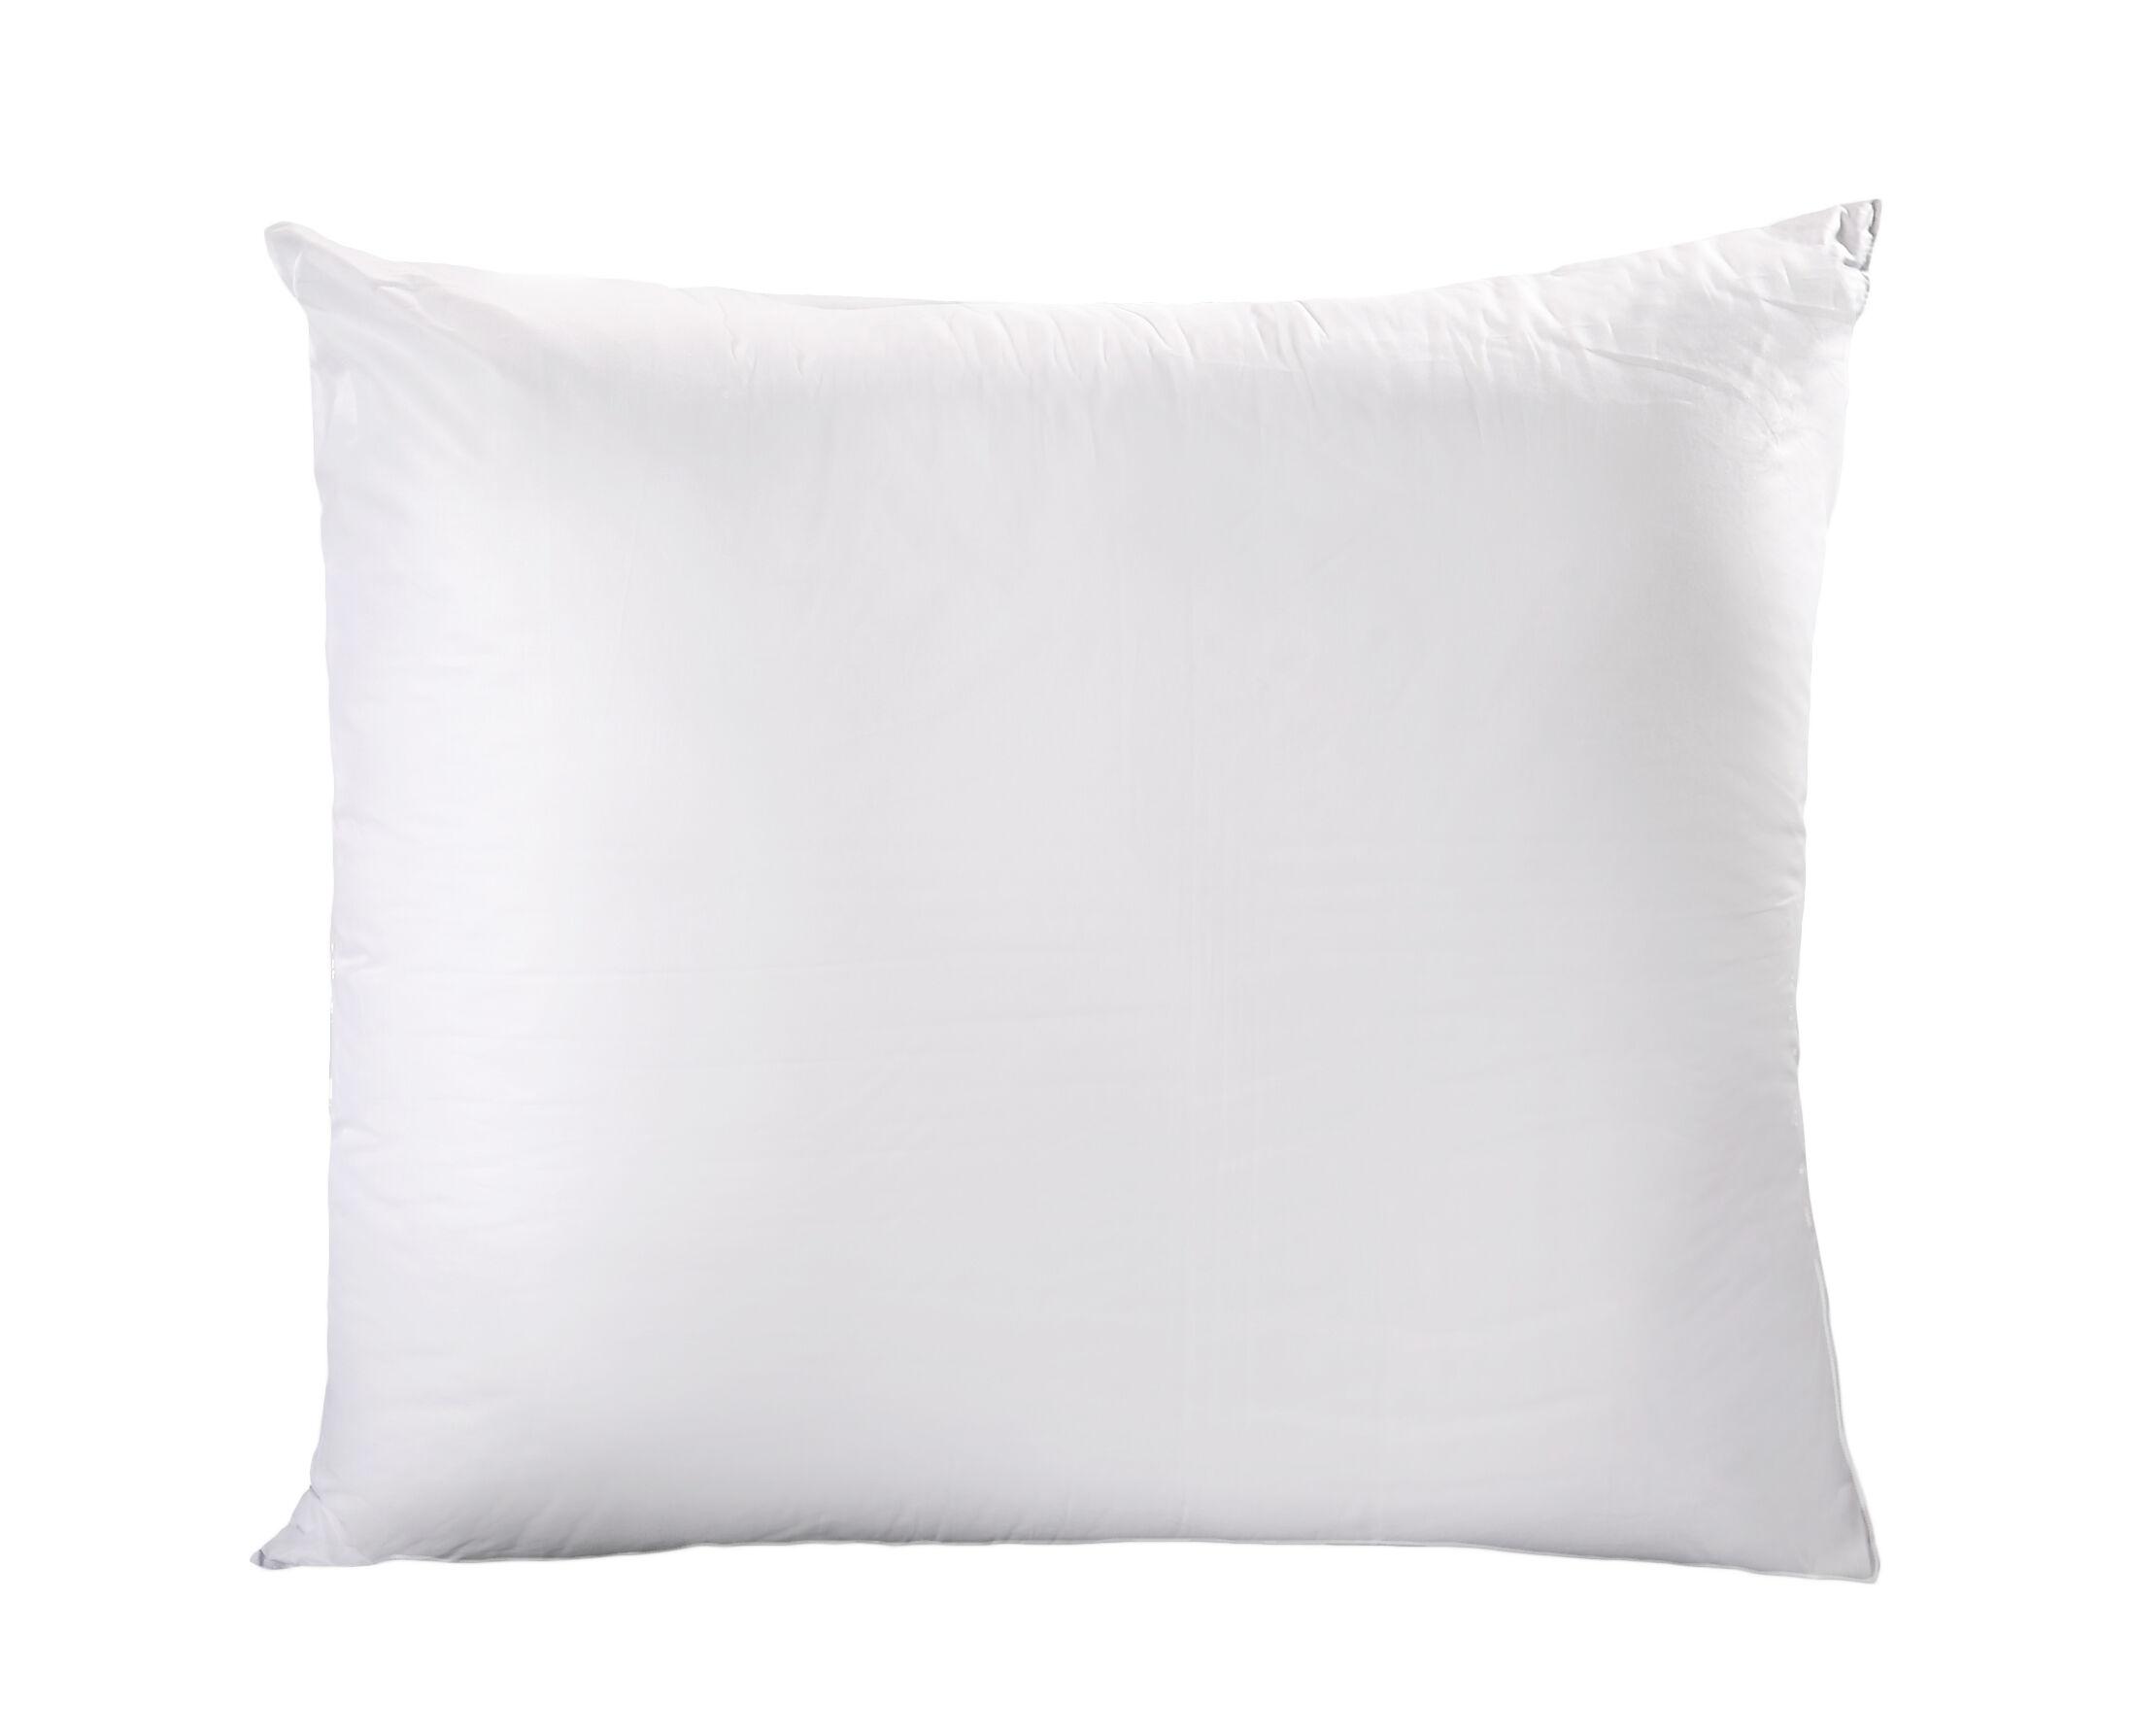 Poduszka antyalergiczna 45x45 Mikrofibra biała niepikowana 100% poliester Amball AMW